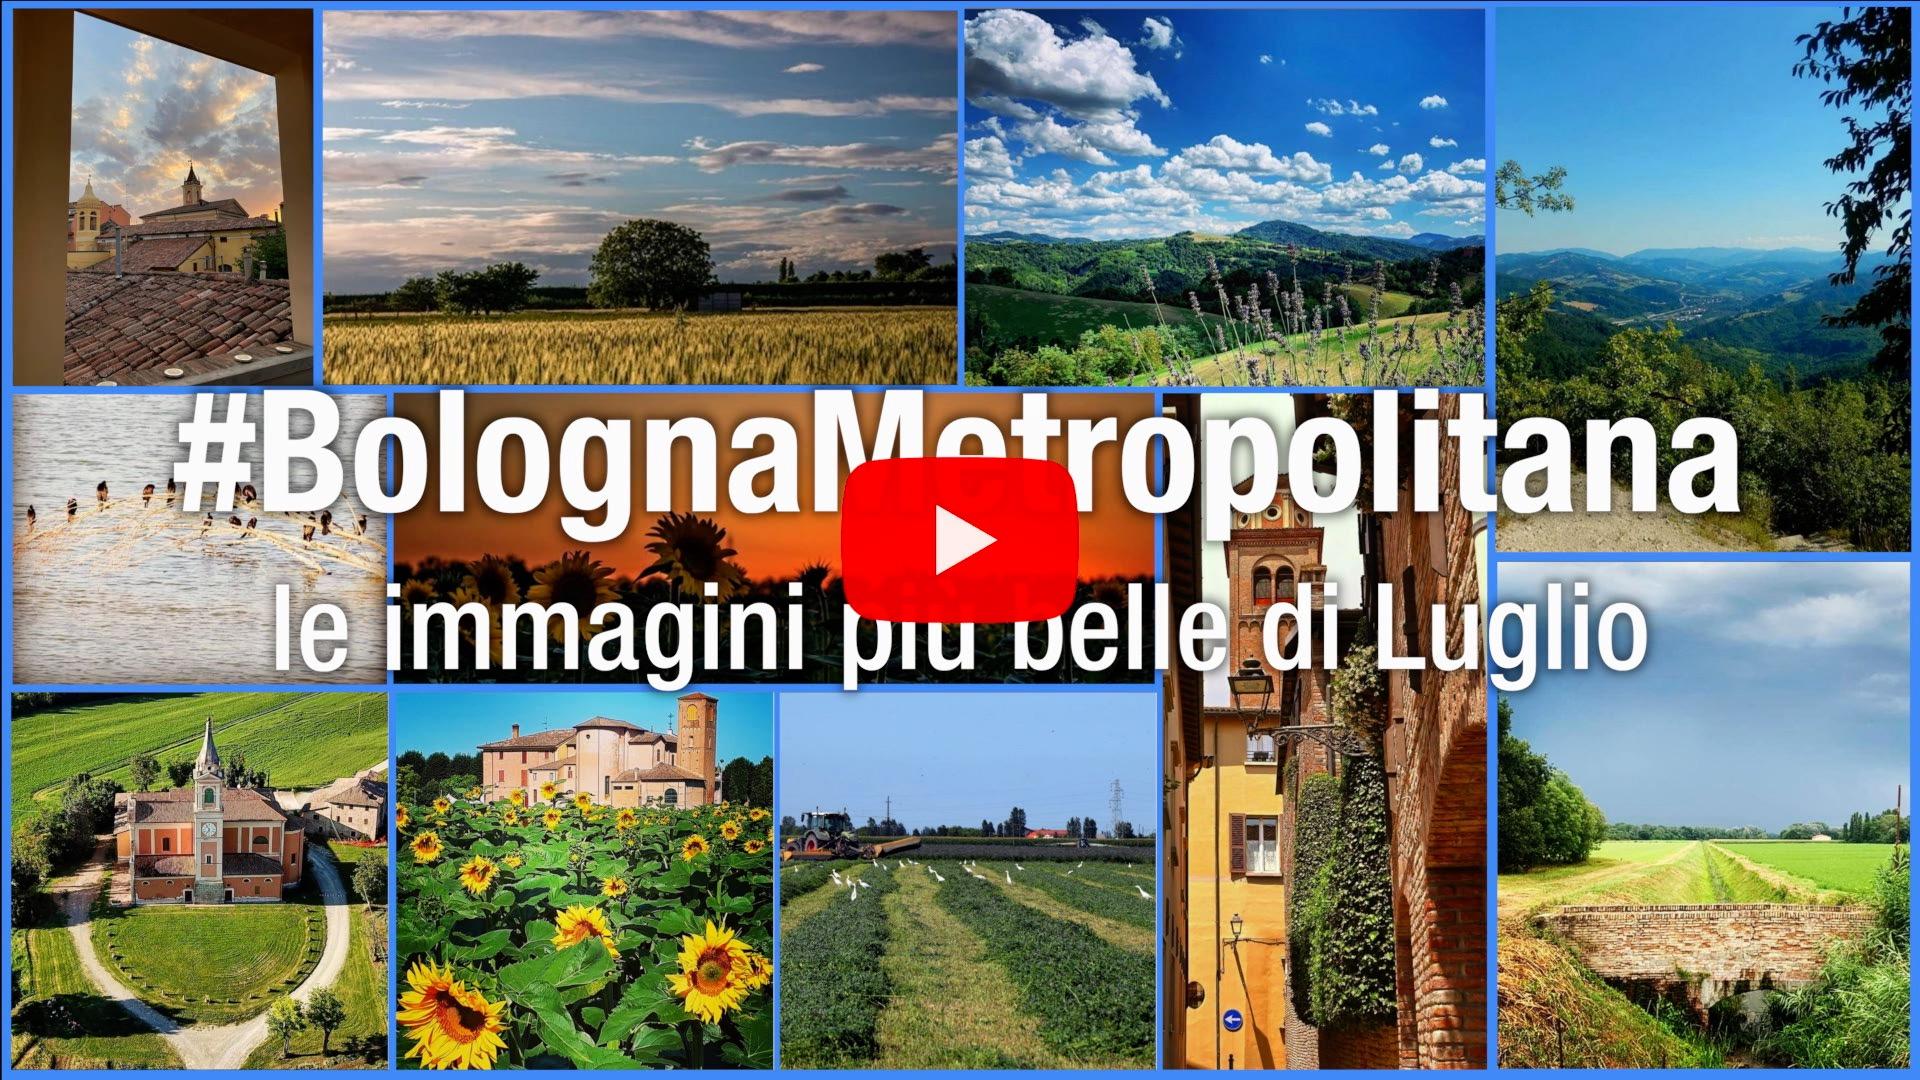 #BolognaMetropolitana - Le immagini più belle di luglio 2020